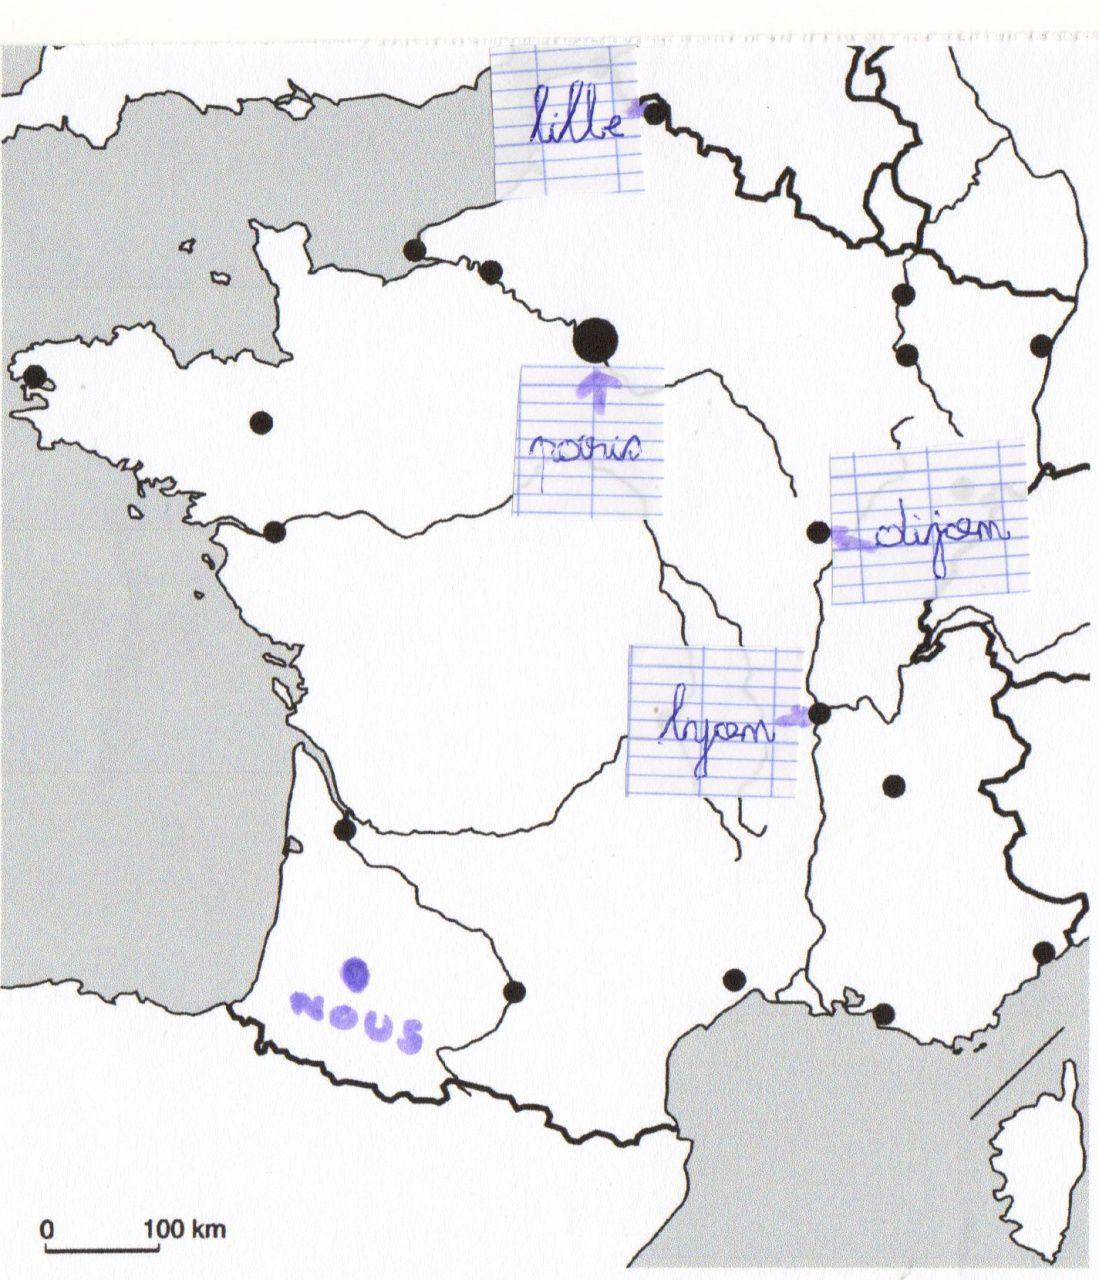 Télécharger Carte De France À Compléter Pdf | Carte De concernant Carte De France Muette À Compléter